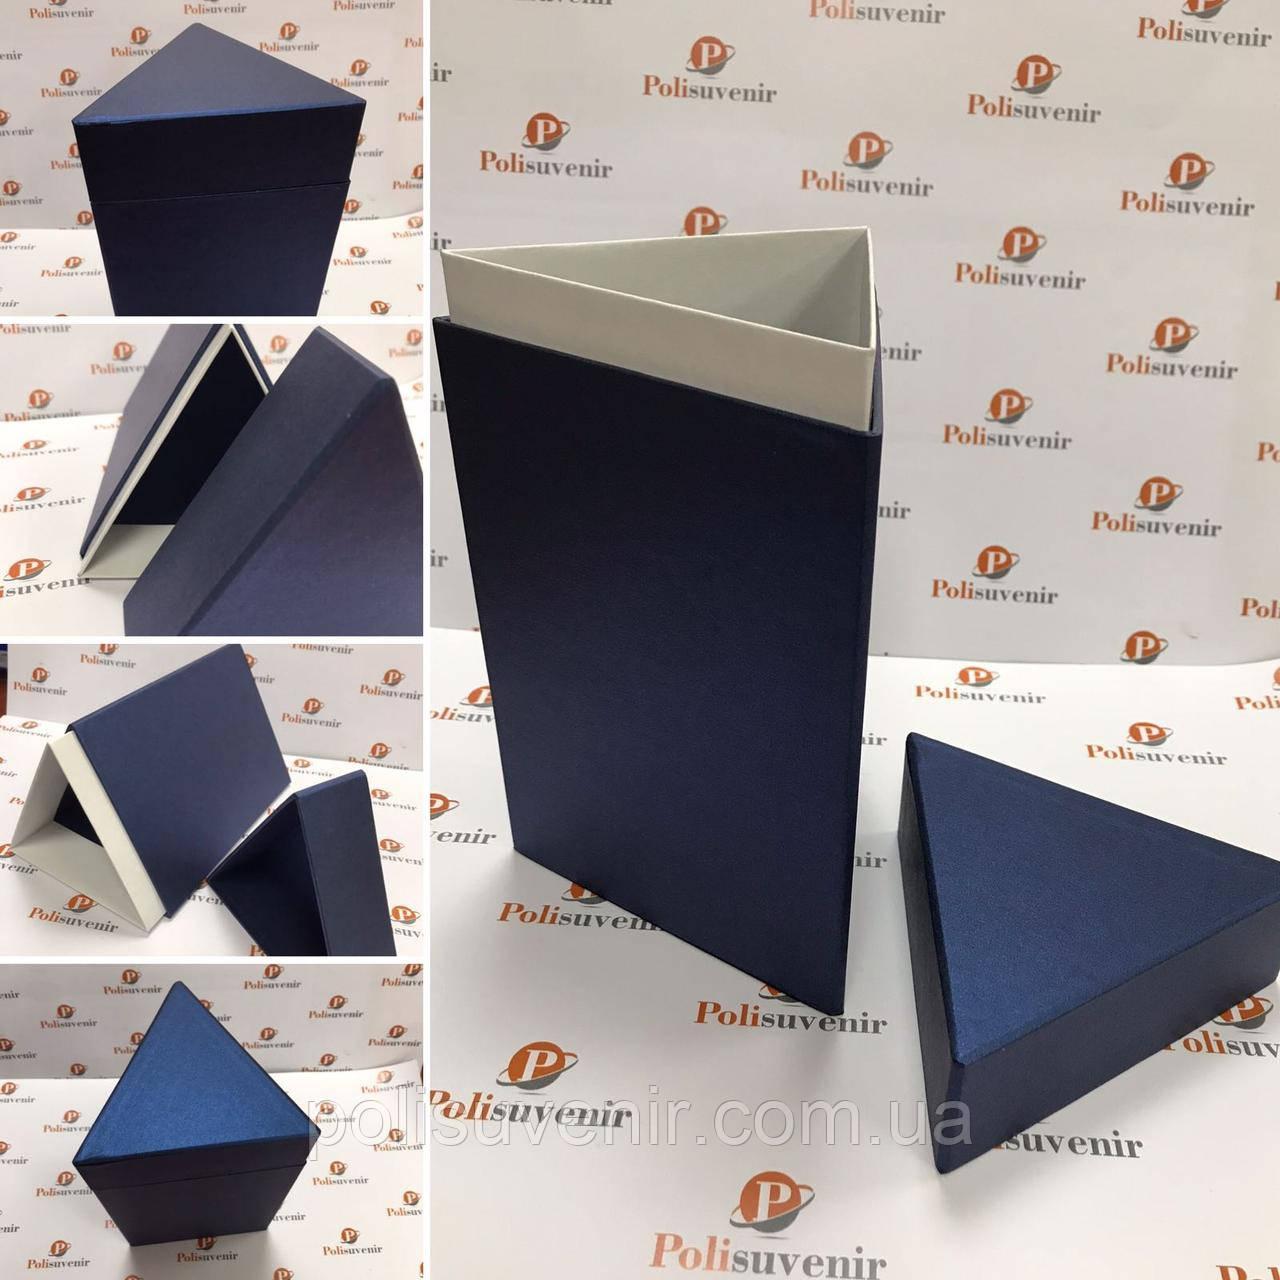 Стильна коробка-трикутник для квітів сувенірів та подарунків